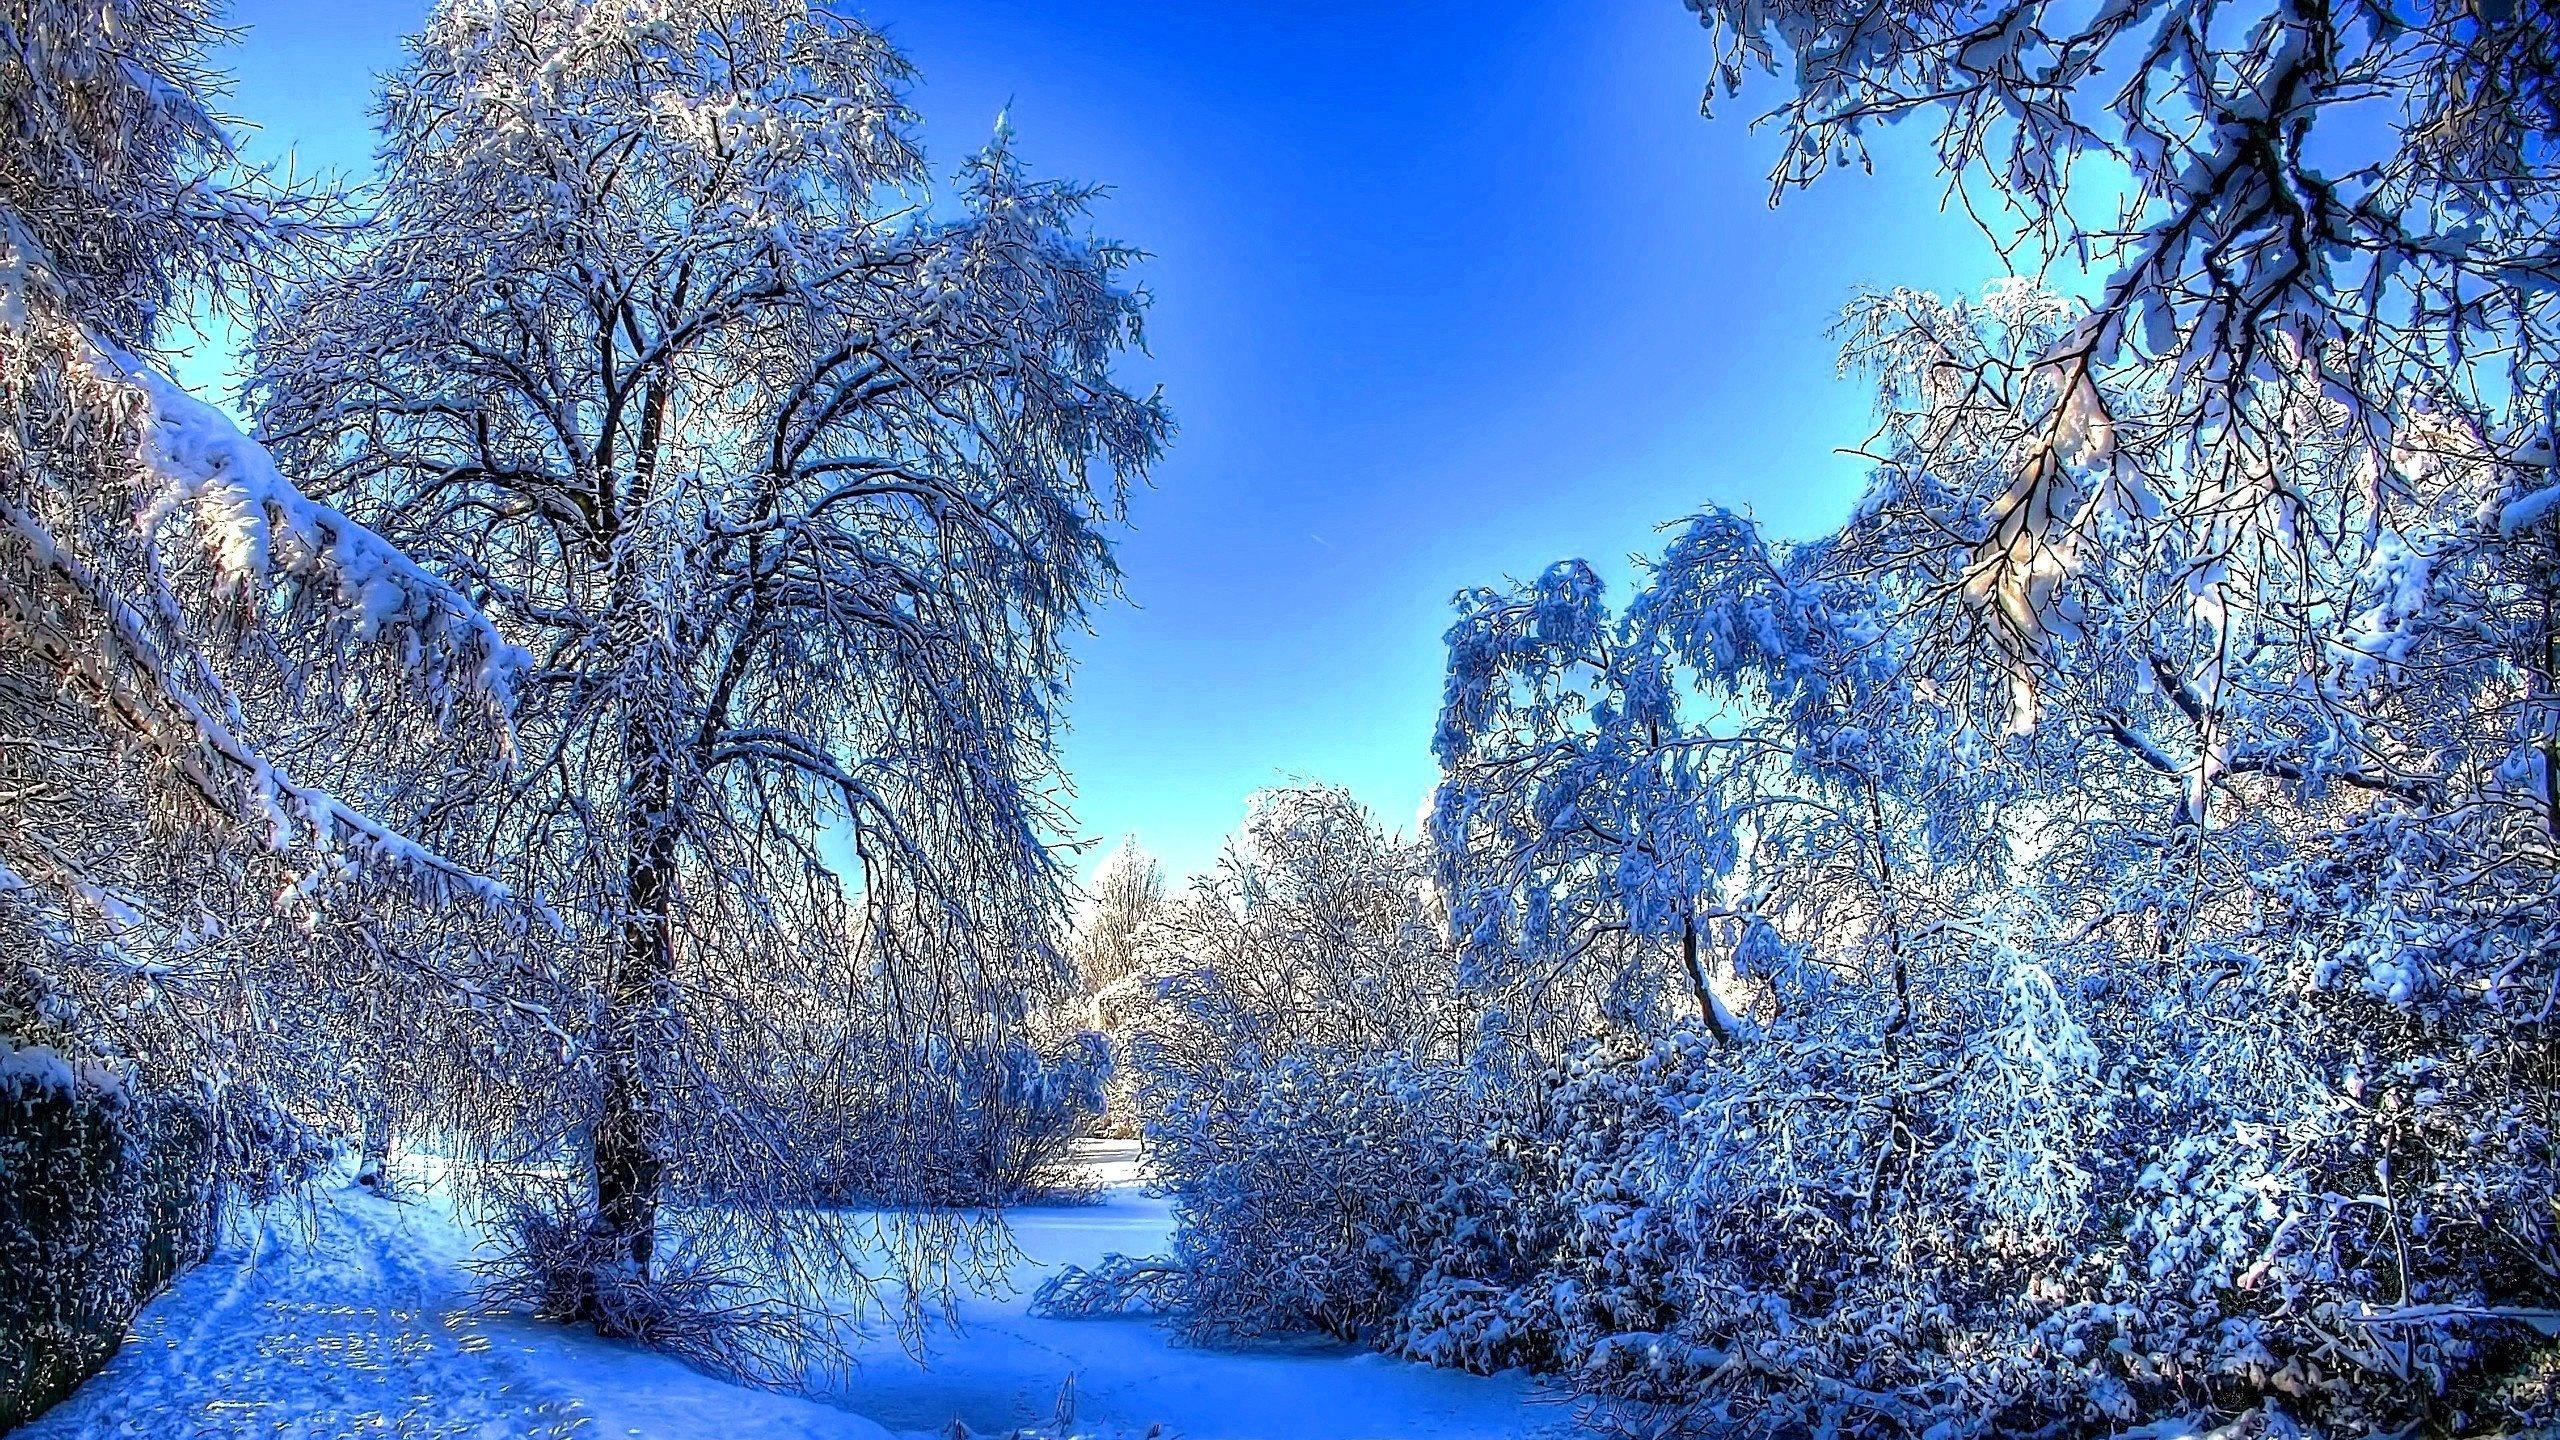 картинки зимние пейзажи красивые на рабочий стол селах, расположившихся вокруг